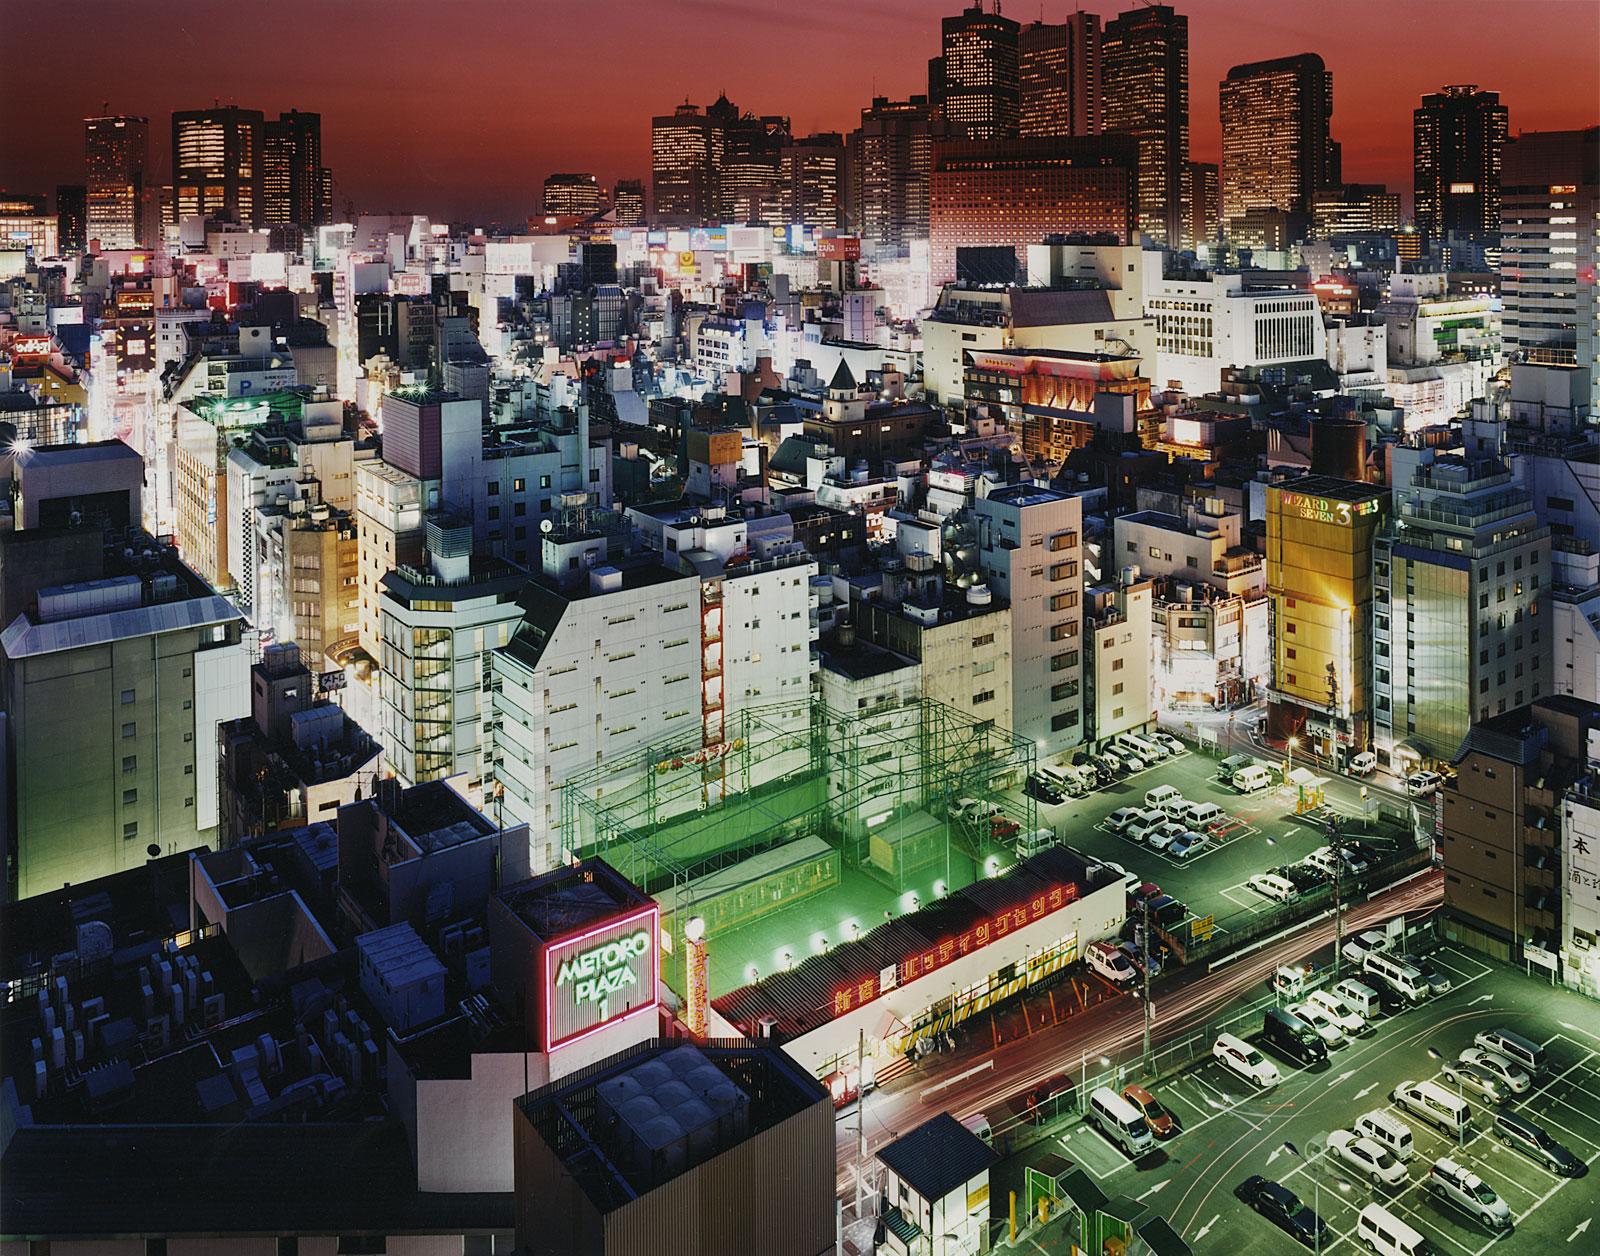 Sato Shintaro - Kabuki-cho Shinjuku-ku 2007